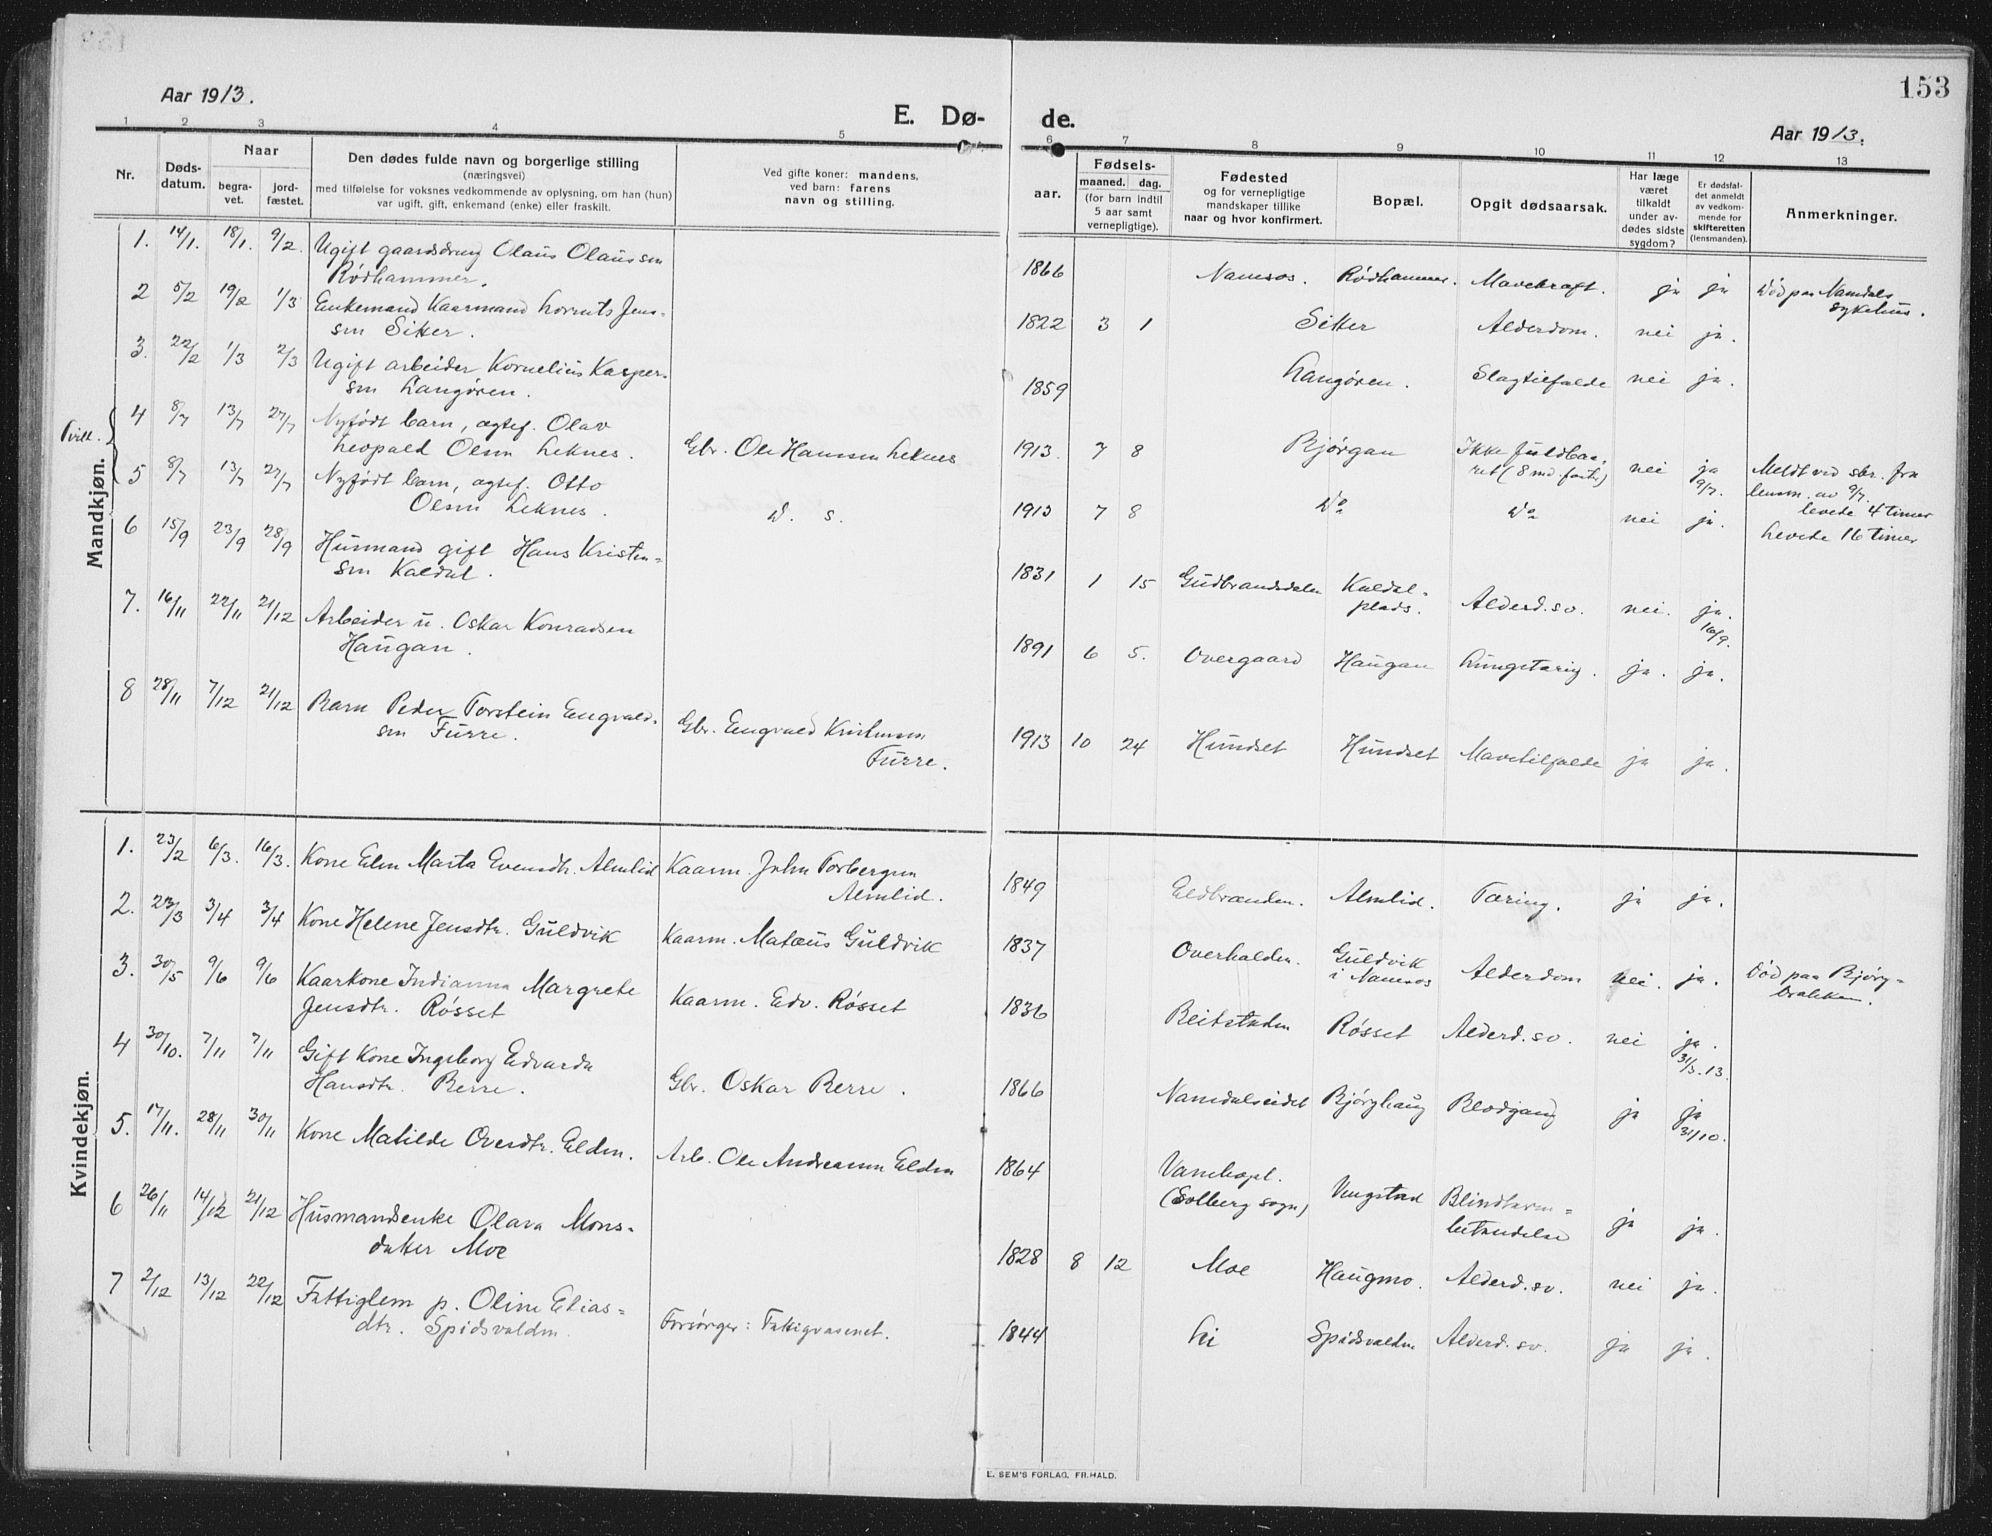 SAT, Ministerialprotokoller, klokkerbøker og fødselsregistre - Nord-Trøndelag, 742/L0413: Klokkerbok nr. 742C04, 1911-1938, s. 153